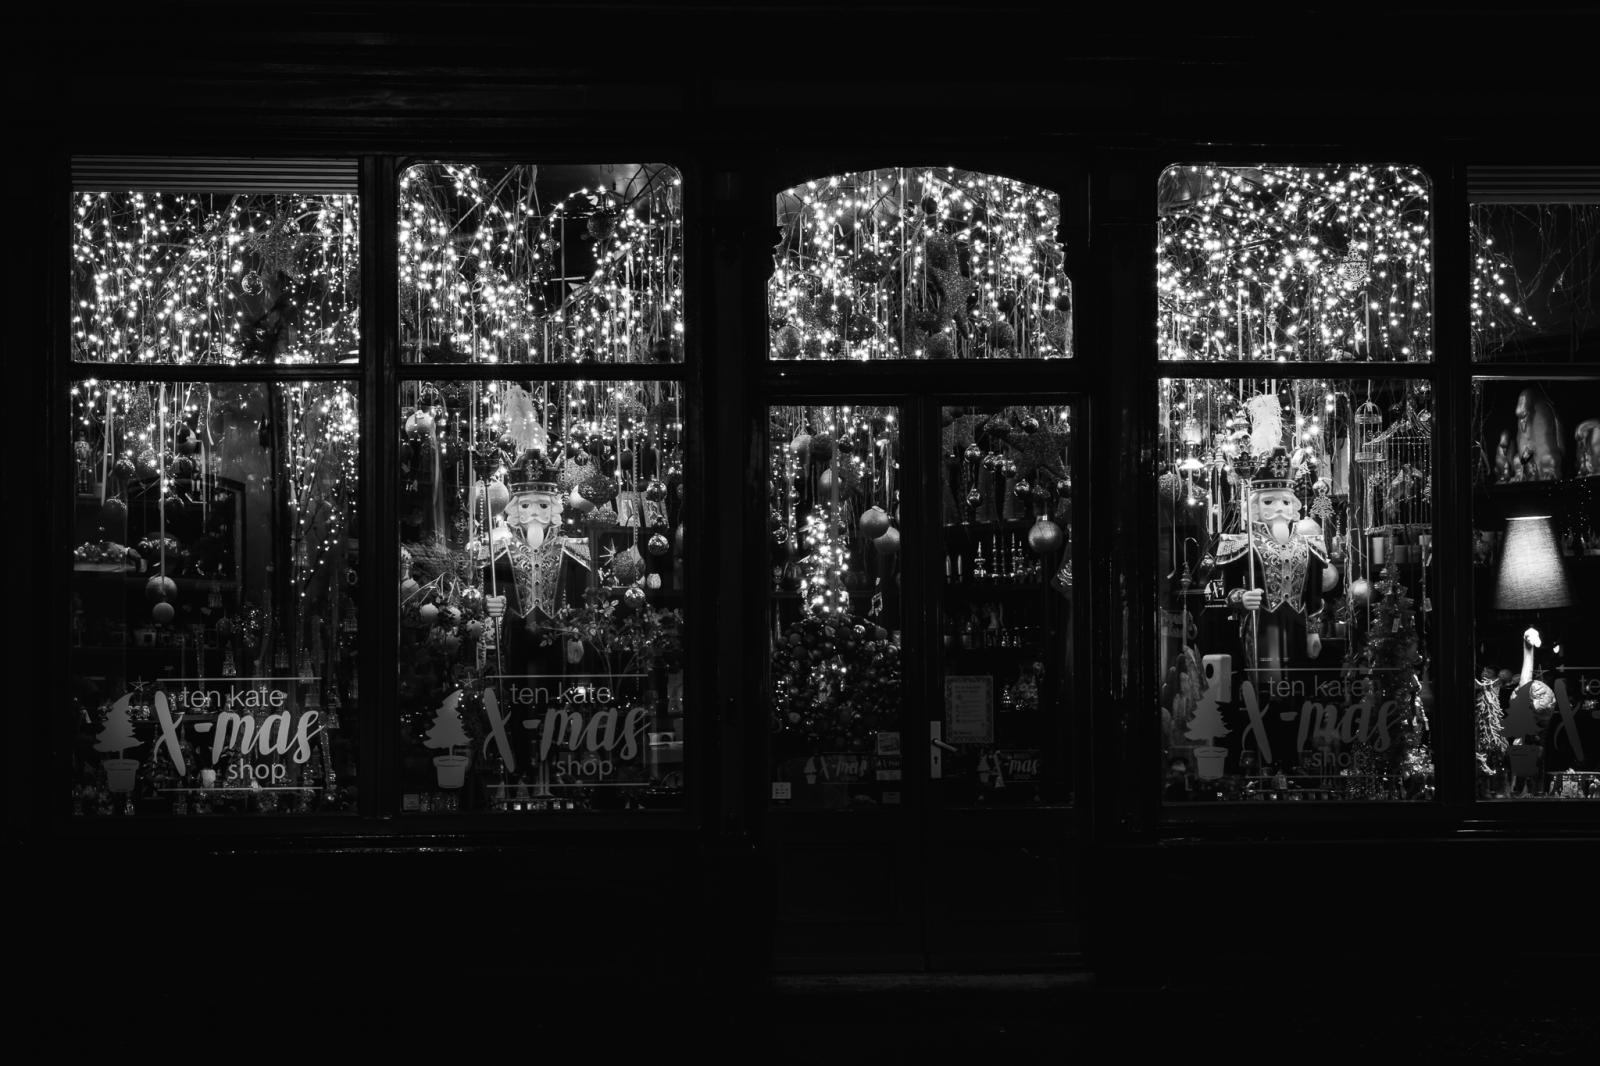 Foto van de winkel van Ten Kate tijdens de Christmas Photo Walk in Deventer